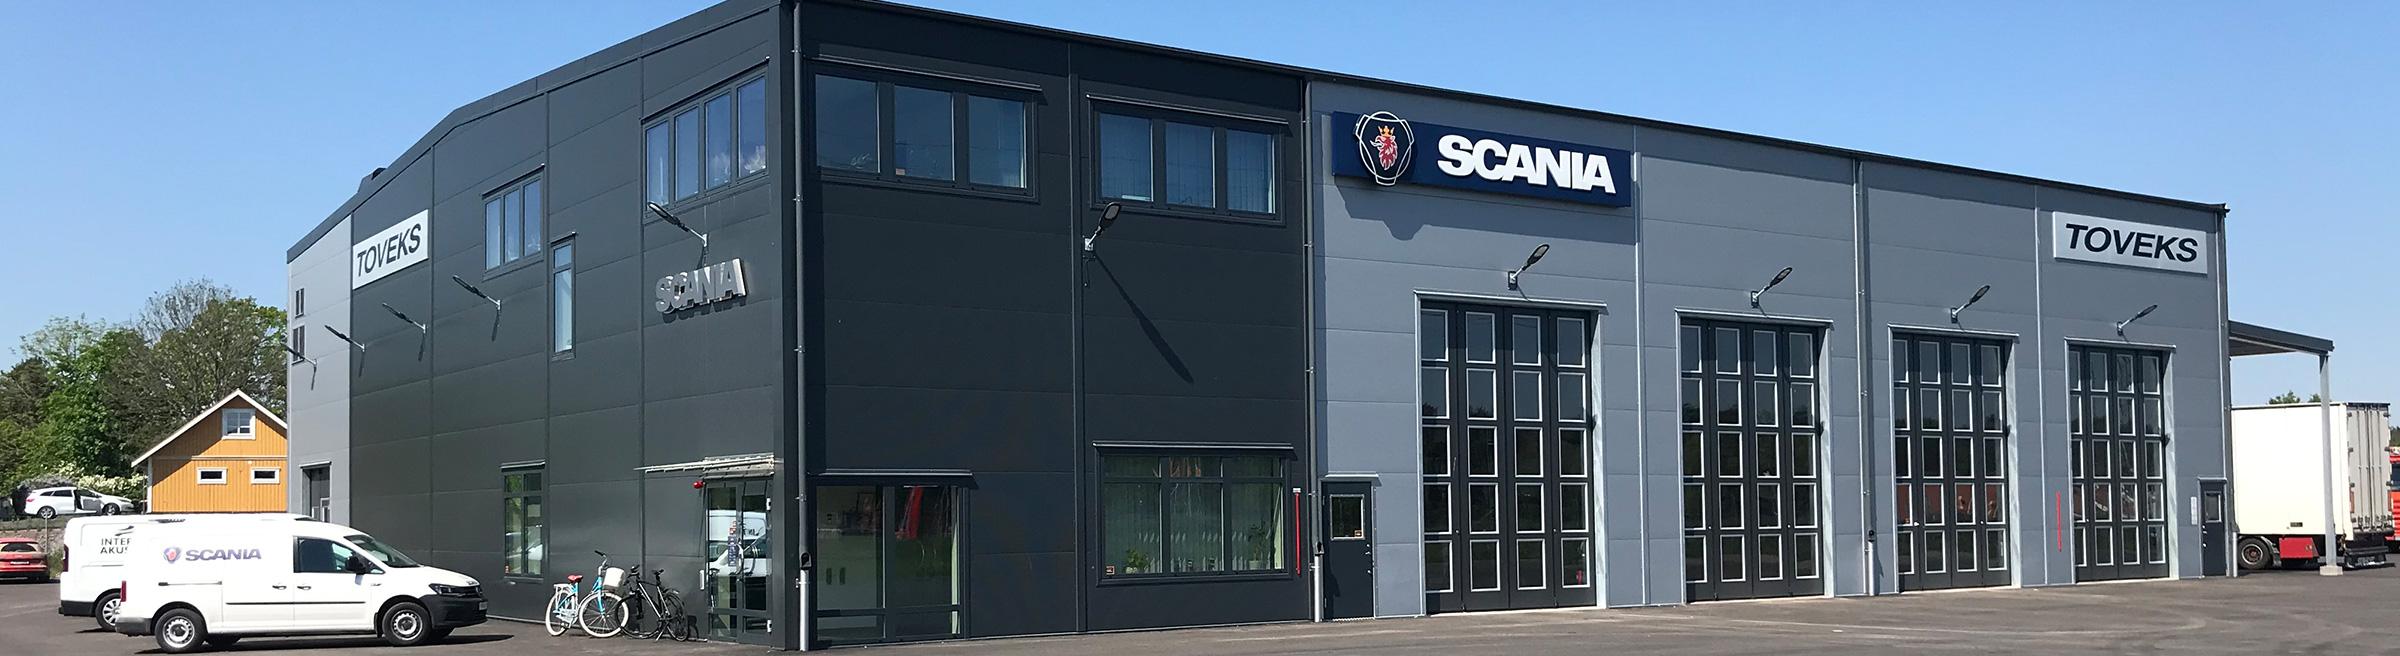 Scania Toveks Lastbilar Åmål